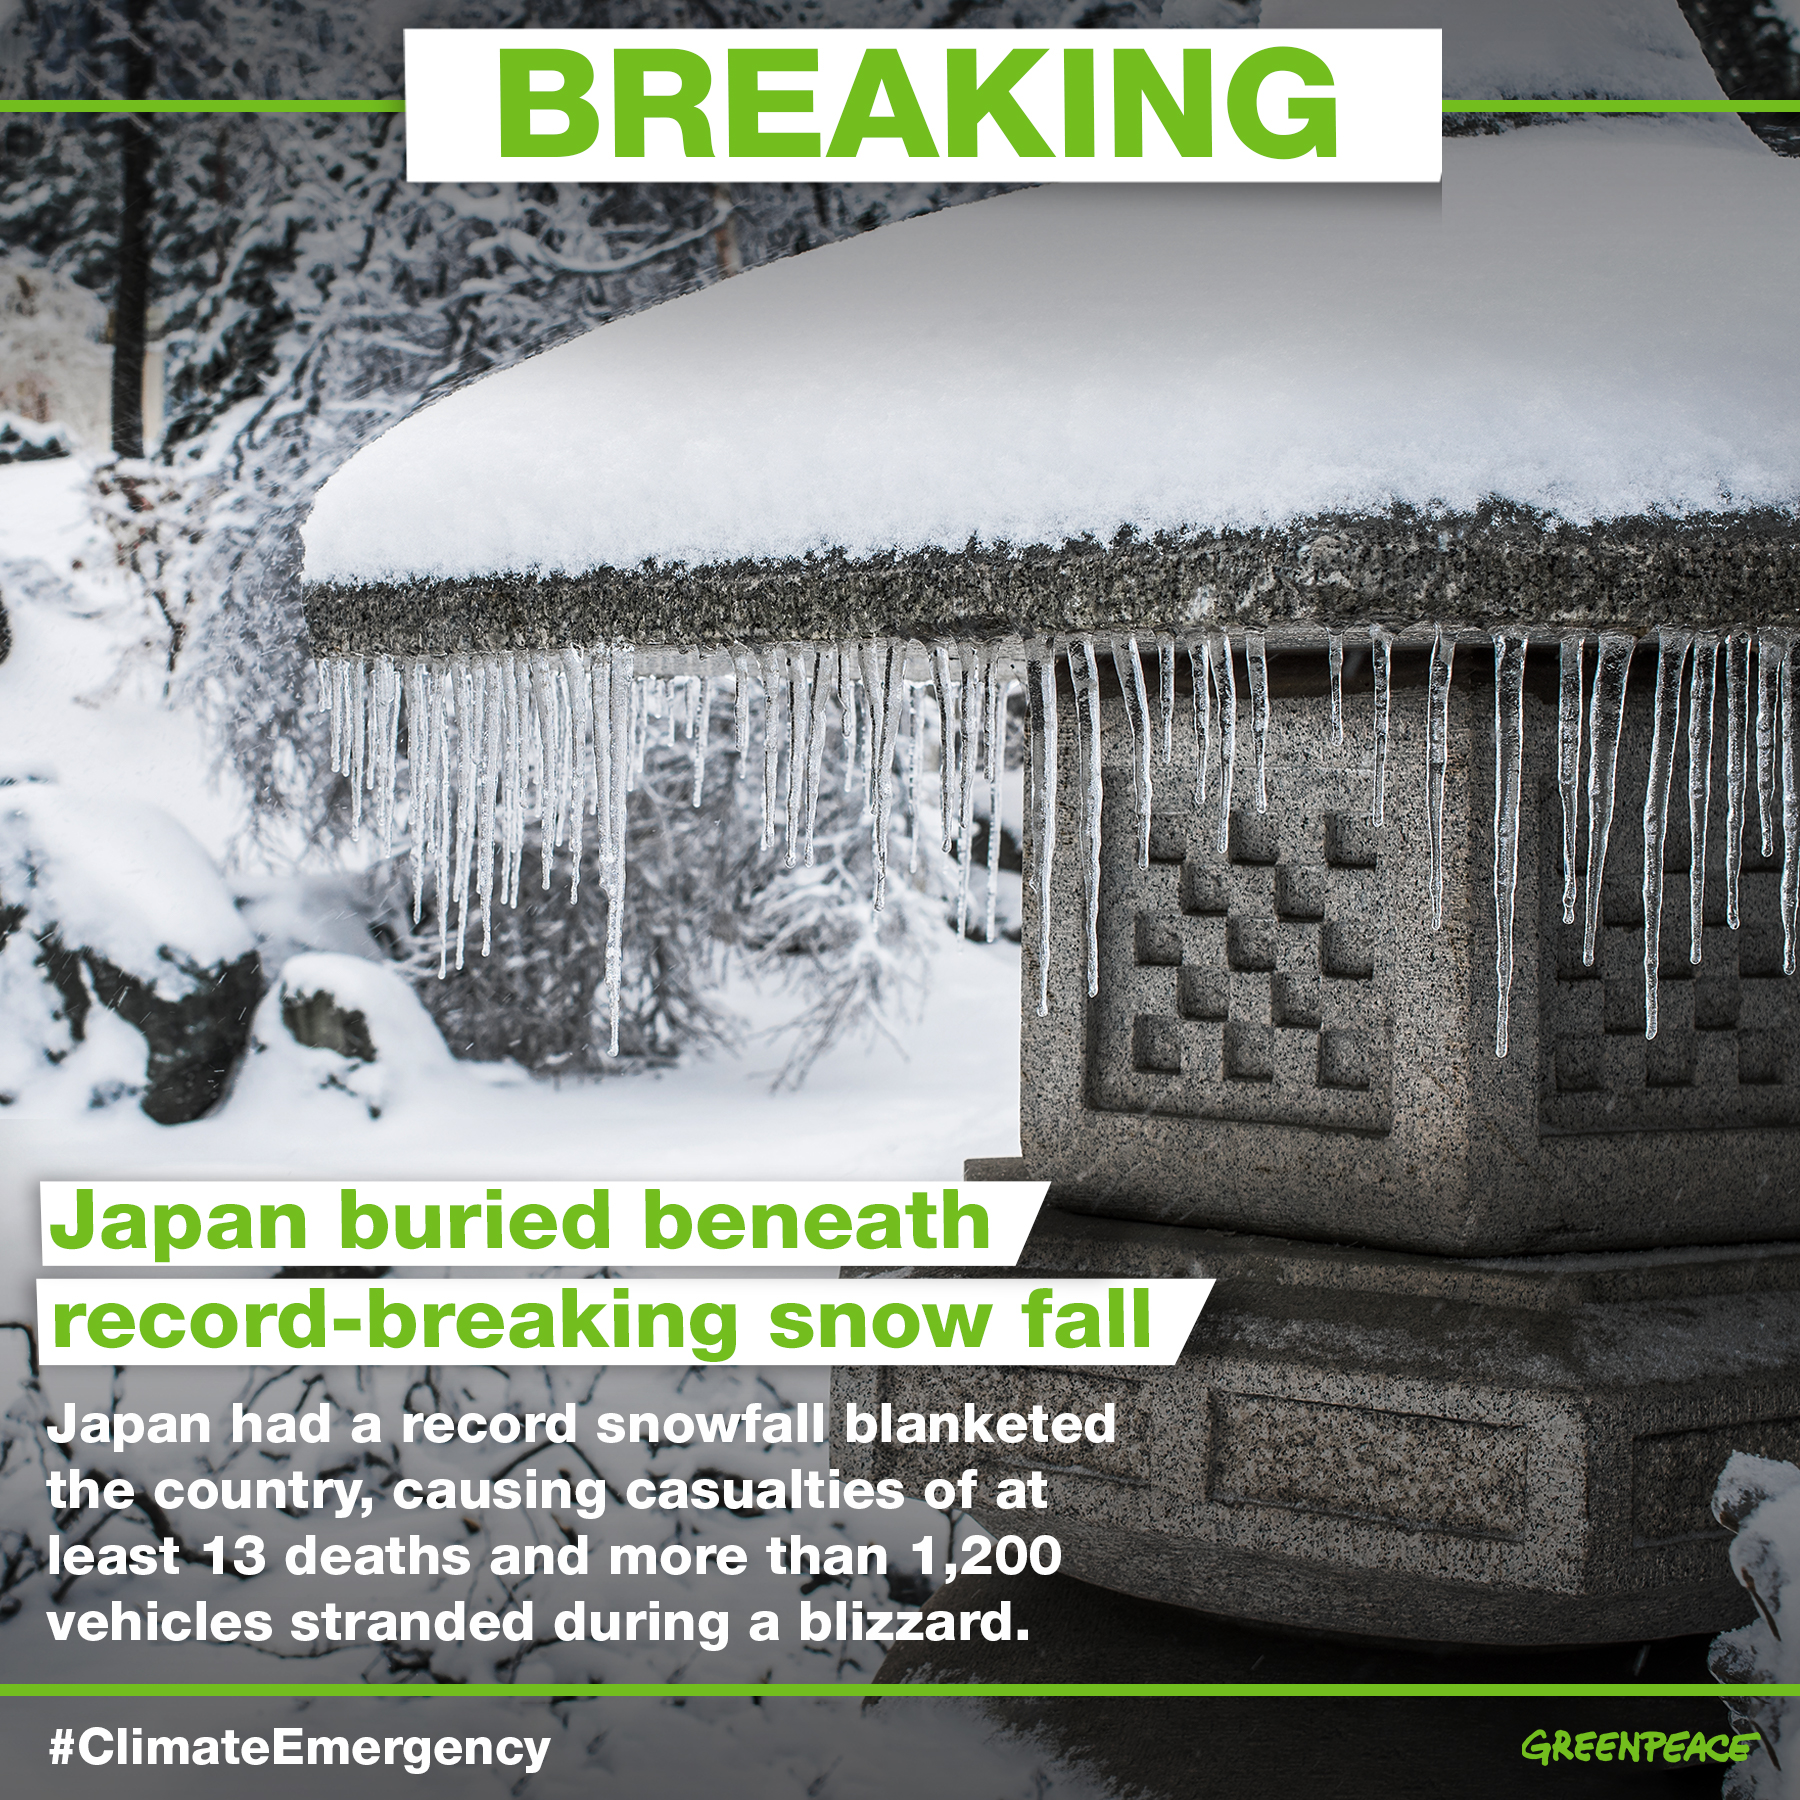 日本寒流降雪破紀錄,造成至少13人死亡、數百人受傷、上千車輛受困。© Greenpeace